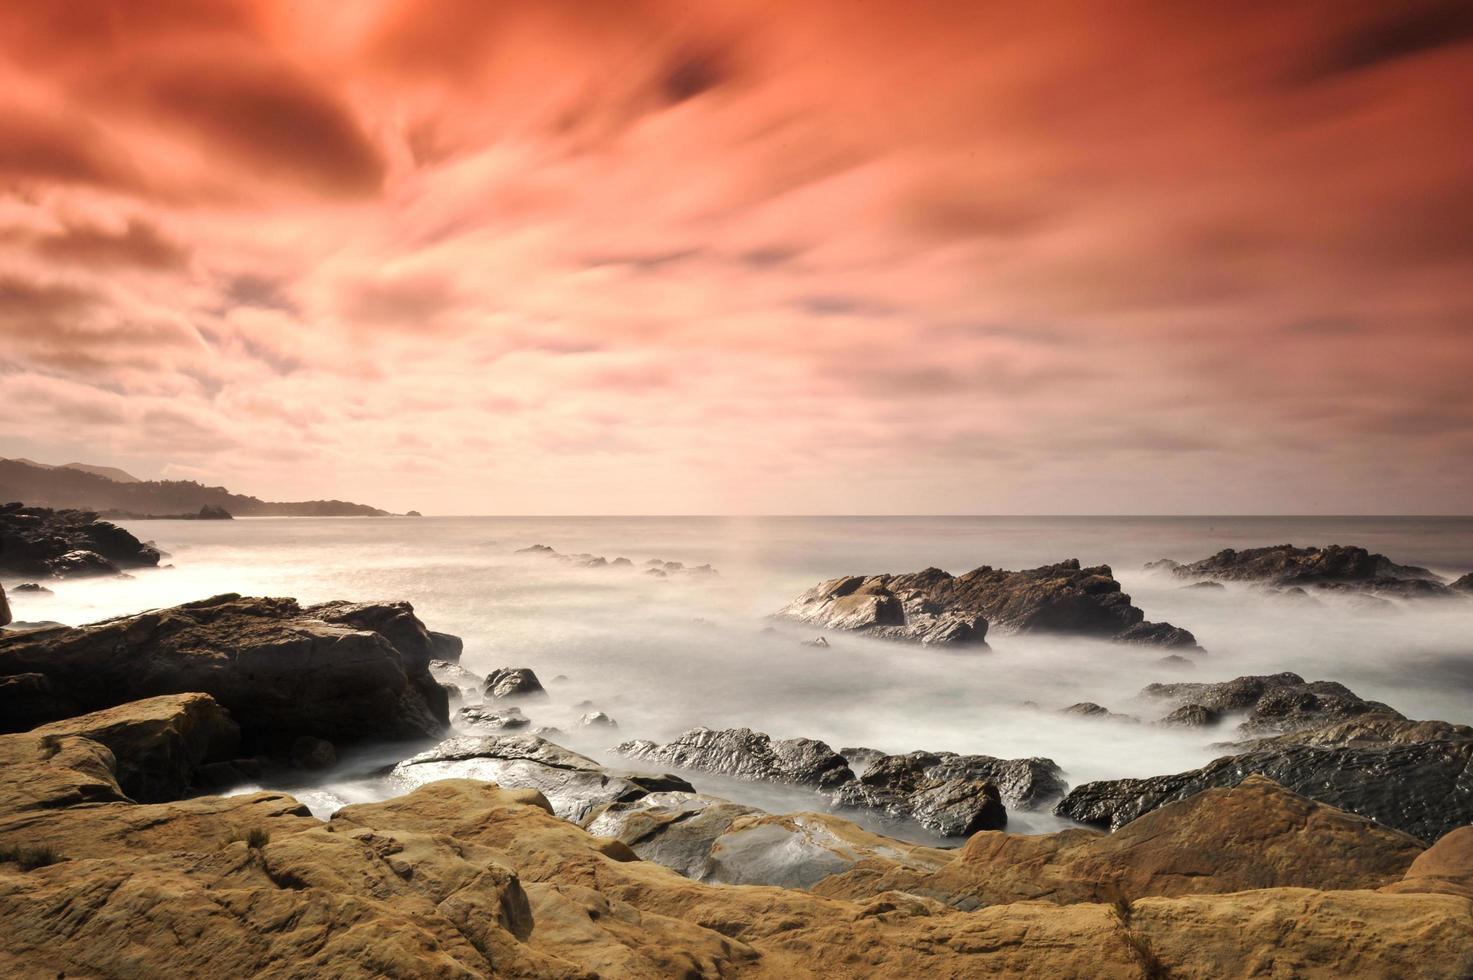 schwarze Felsformation am Meeresufer während des Tages foto